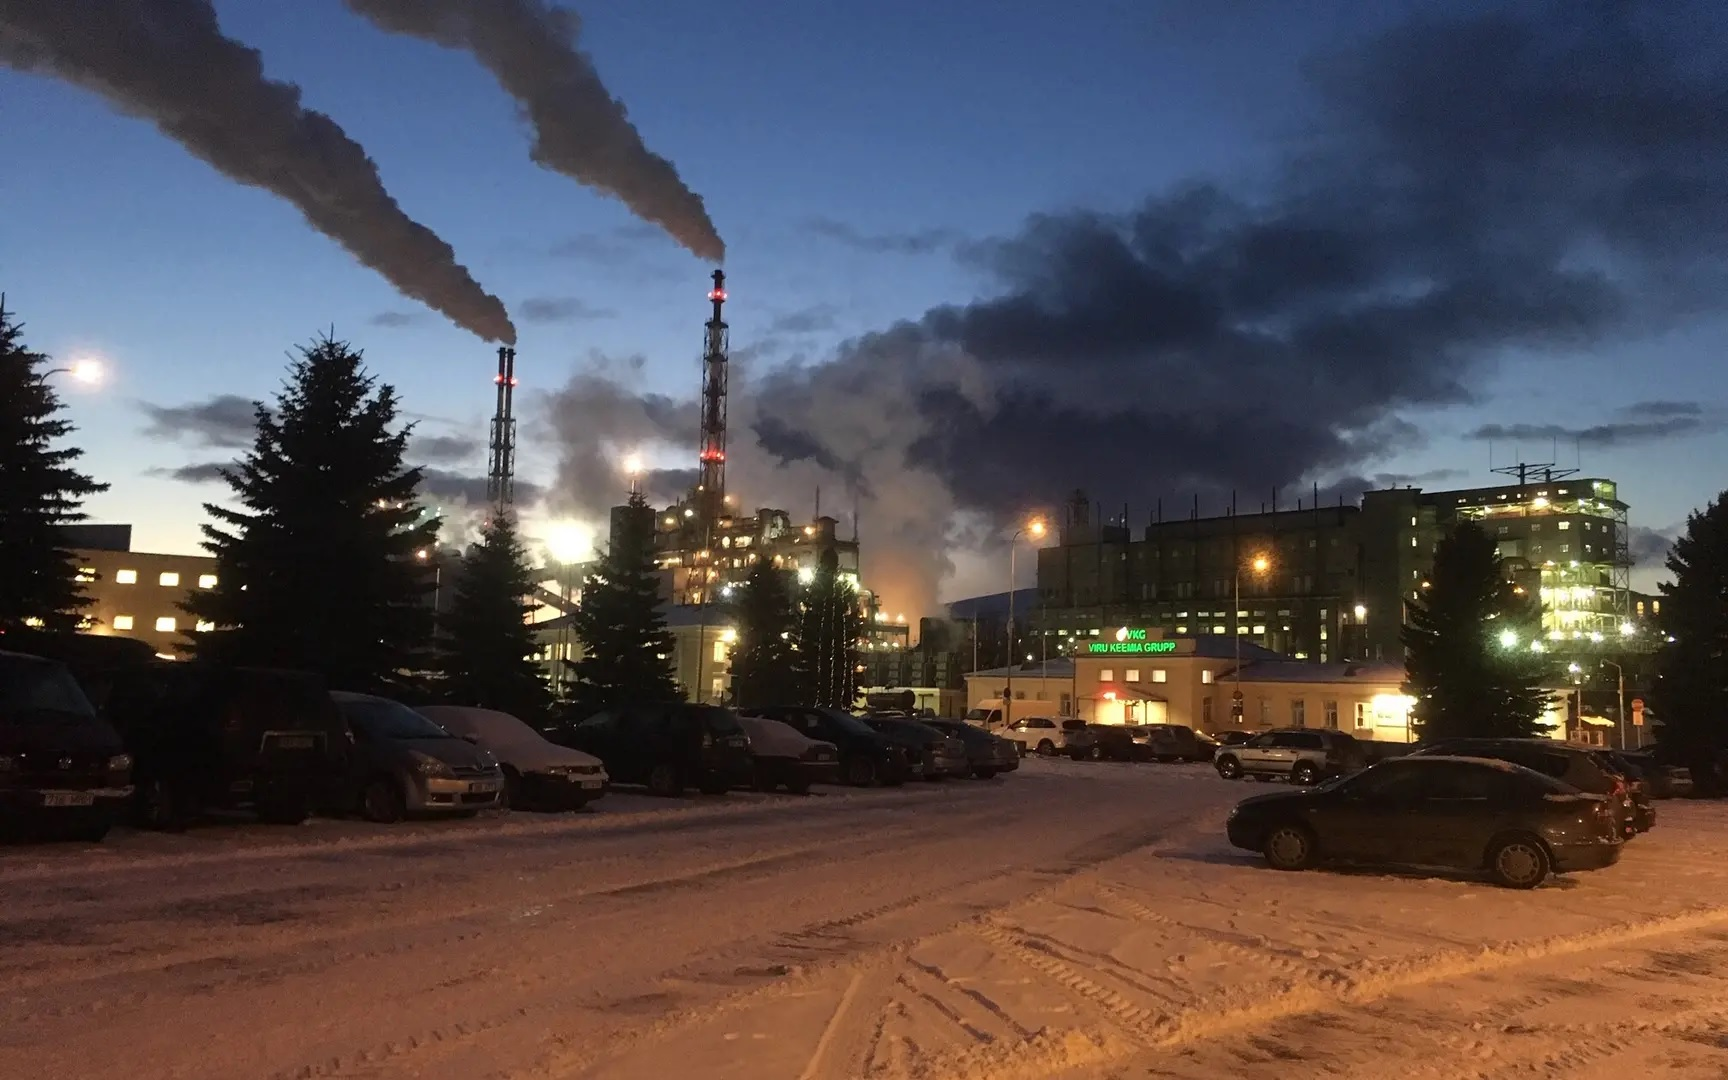 VKG не исключает закрытие маслозавода в Кохтла-Ярве до 2030 года